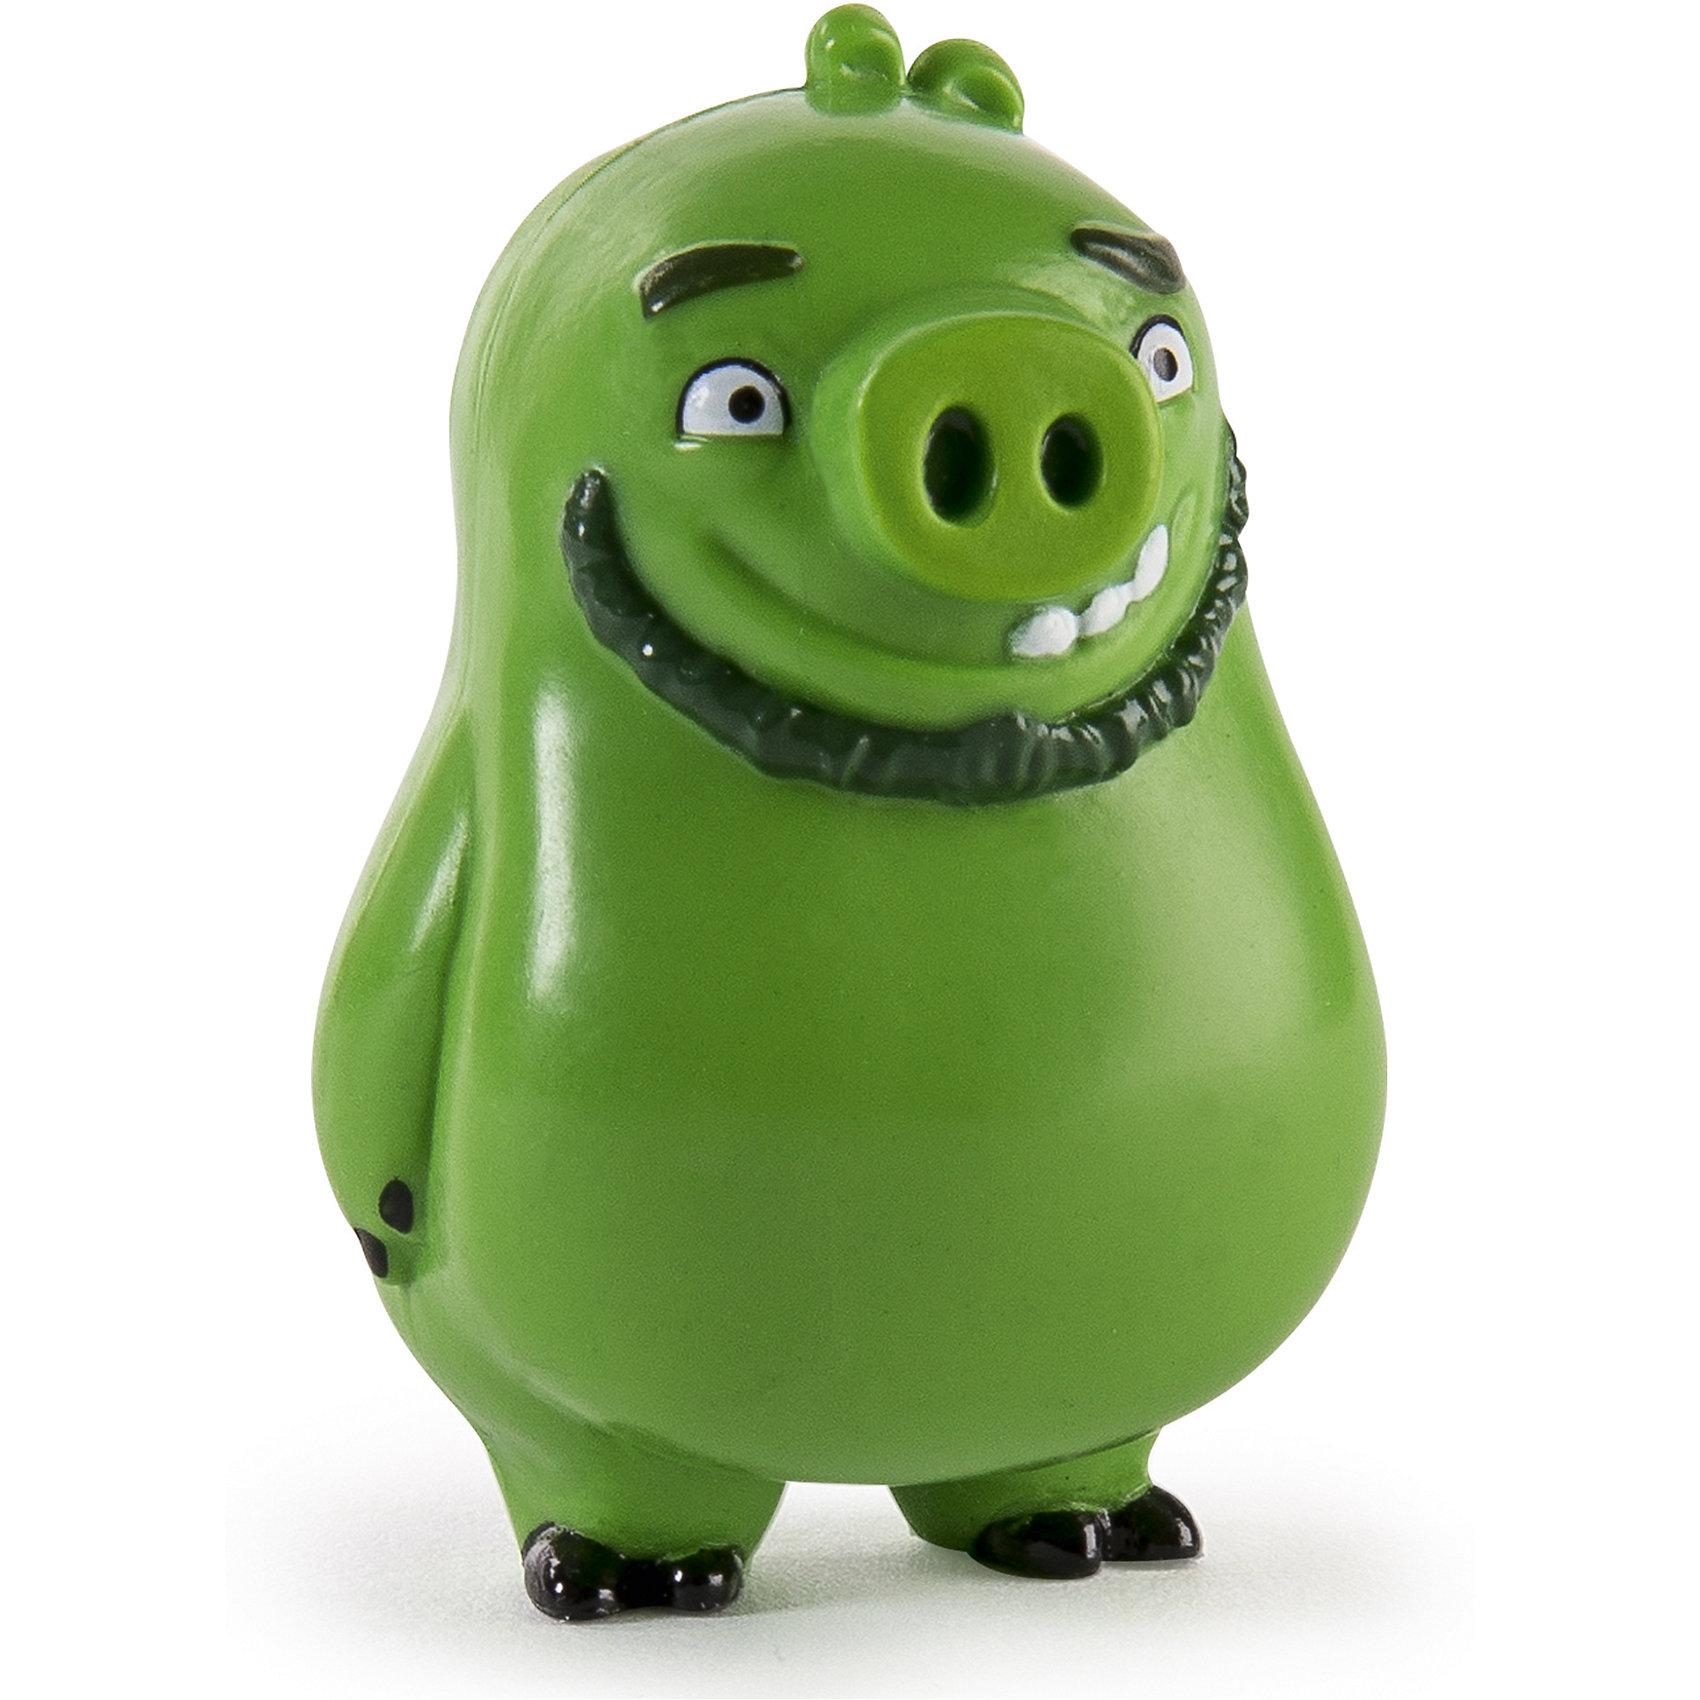 Коллекционная фигурка Леонард, Angry BirdsAngry Birds<br>Характеристики товара:<br><br>• материал: пластик<br>• высота: 5 см<br>• вес: 20 г<br>• размер упаковки: 13х5х12 см<br>• хорошая детализация<br>• качественные безопасные краски<br>• возраст: от 4 лет<br>• страна бренда: Канада<br><br>Эта фигурка станет отличным подарком для маленького любителя мультфильма и игры «Angry Birds». Она отлично проработана, качественные краски стойкие и безопасные для ребенка.<br><br>Коллекционную фигурку Свинья, Angry Birds, от бренда Spin Master можно купить в нашем интернет-магазине.<br><br>Ширина мм: 131<br>Глубина мм: 123<br>Высота мм: 45<br>Вес г: 23<br>Возраст от месяцев: 48<br>Возраст до месяцев: 96<br>Пол: Унисекс<br>Возраст: Детский<br>SKU: 5471892